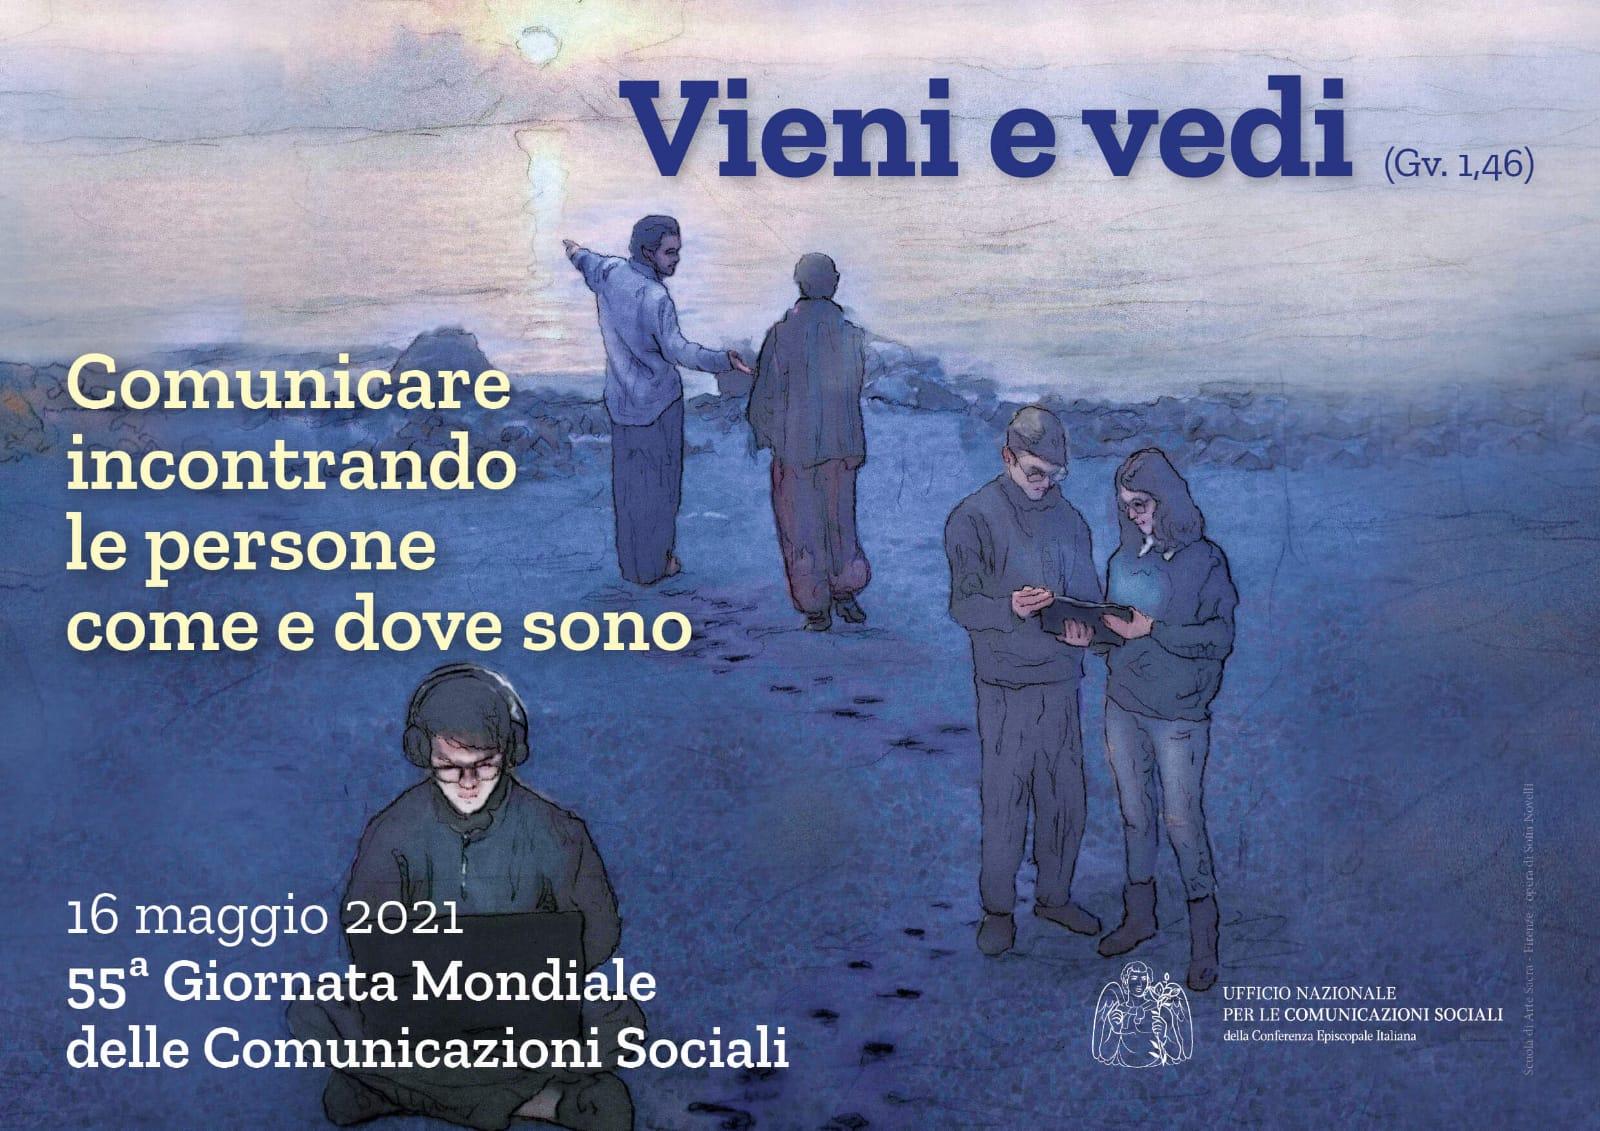 Raccontare Le Persone, Incontrandole: Il Messaggio Di Francesco Per La Giornata Mondiale Delle Comunicazioni Sociali